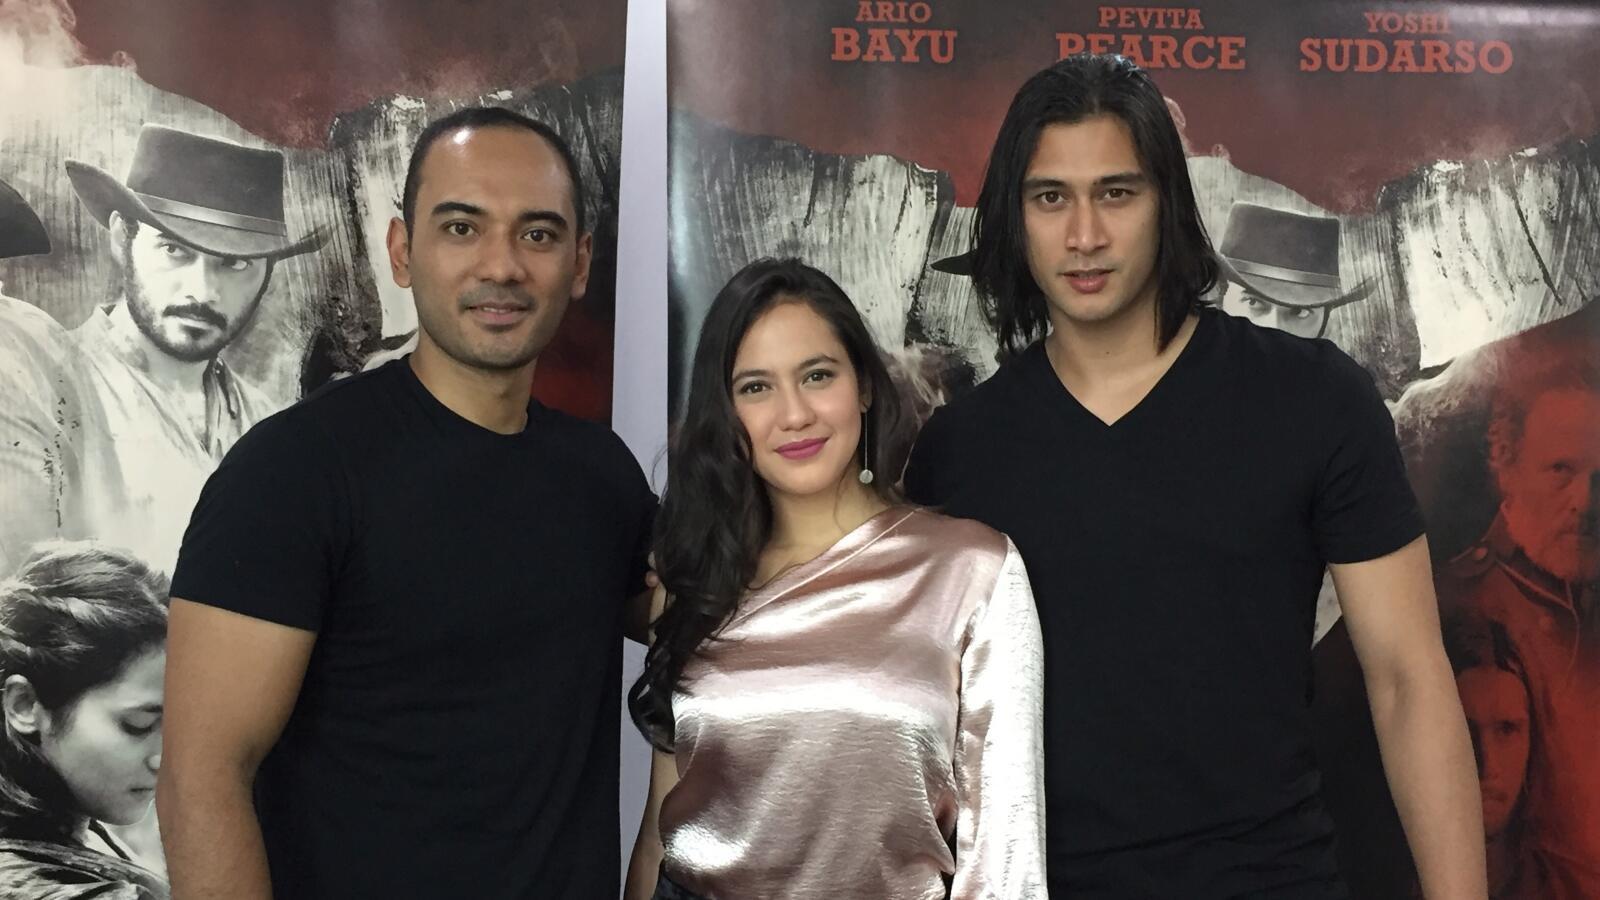 Kesan 'Magical' bagi Ario Bayu dan Pevita saat Syuting 'Buffalo Boys'